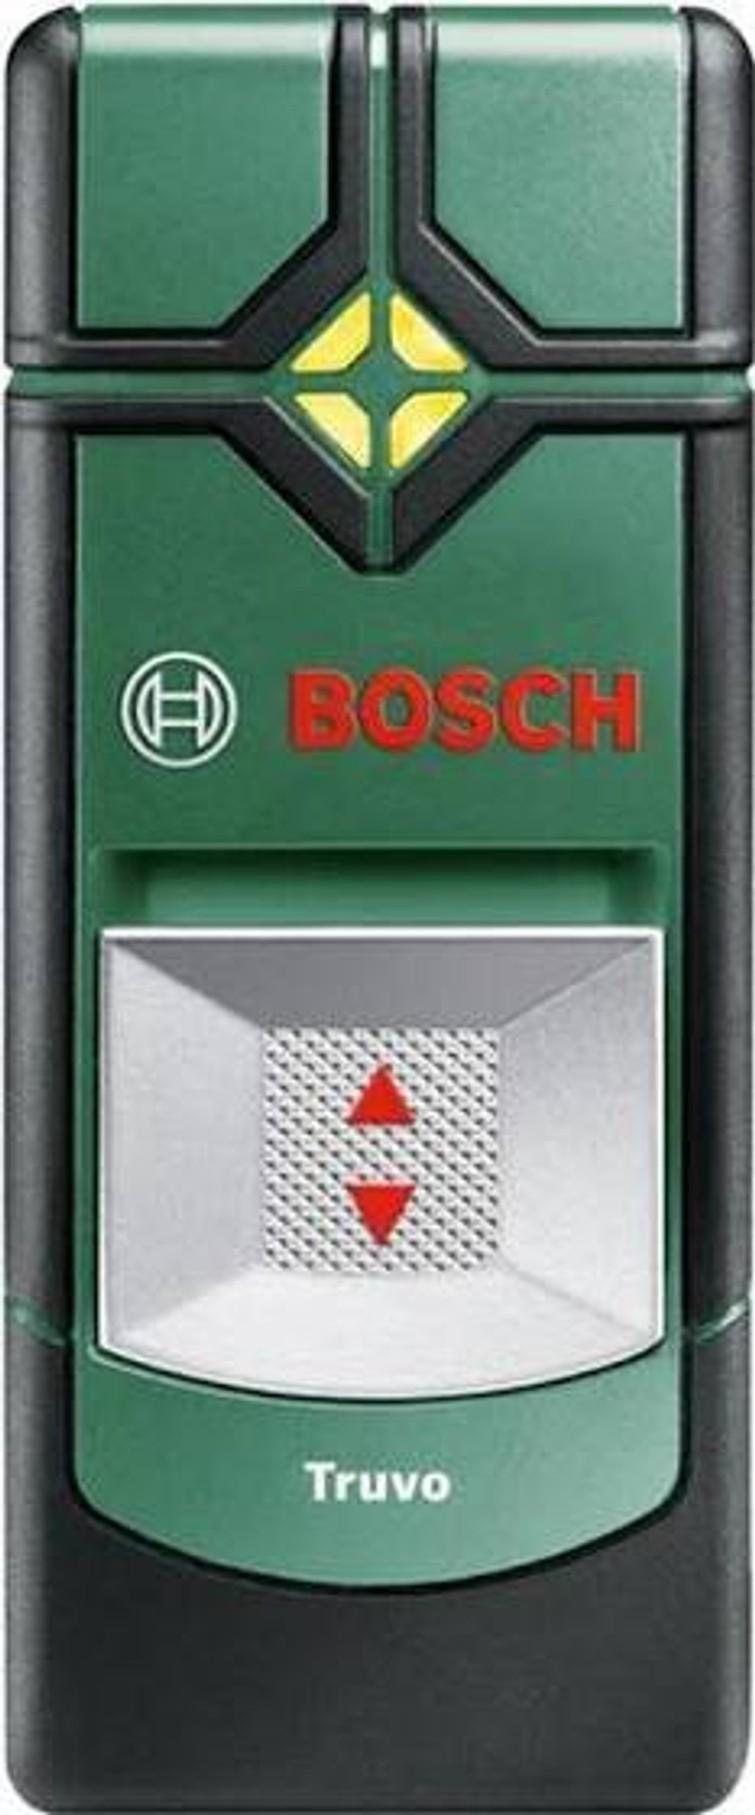 leidingzoeker (model Bosch Truvo)